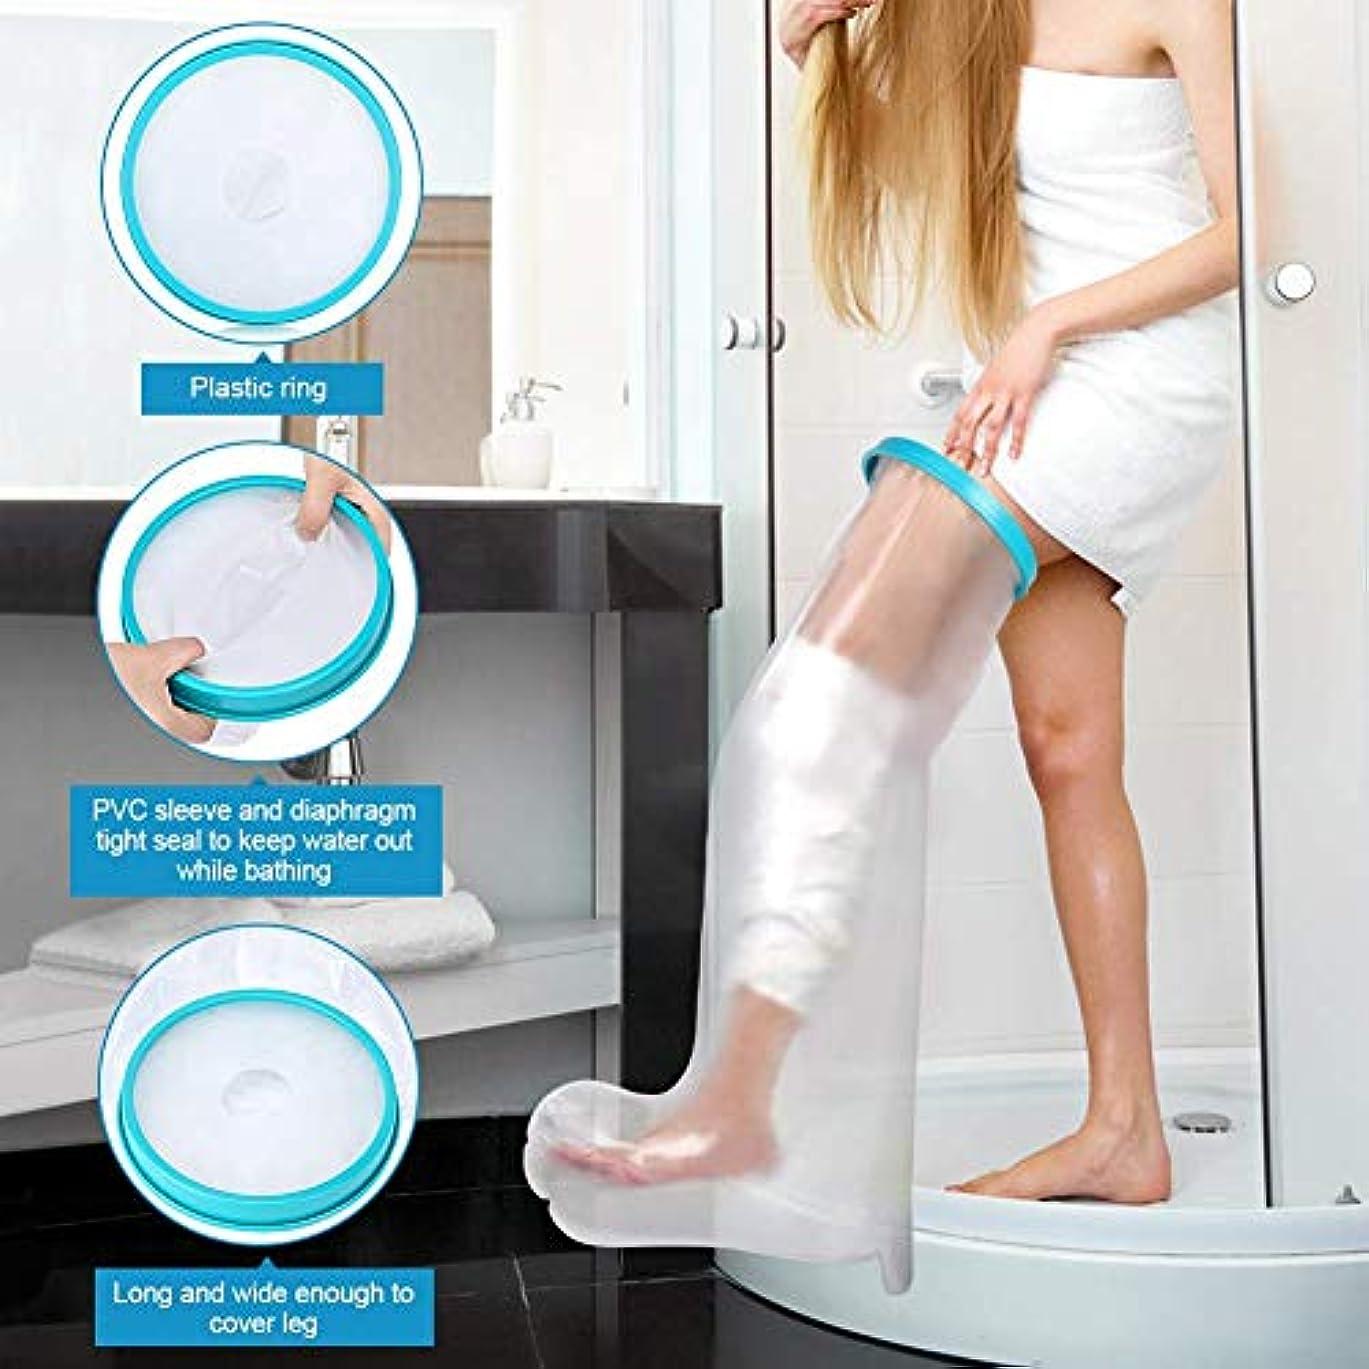 ジャニスアラーム背の高いシャワー、防水シールタイト大人脚キャストとシャワー、お風呂用包帯プロテクターとホット浴槽用脚キャストカバー